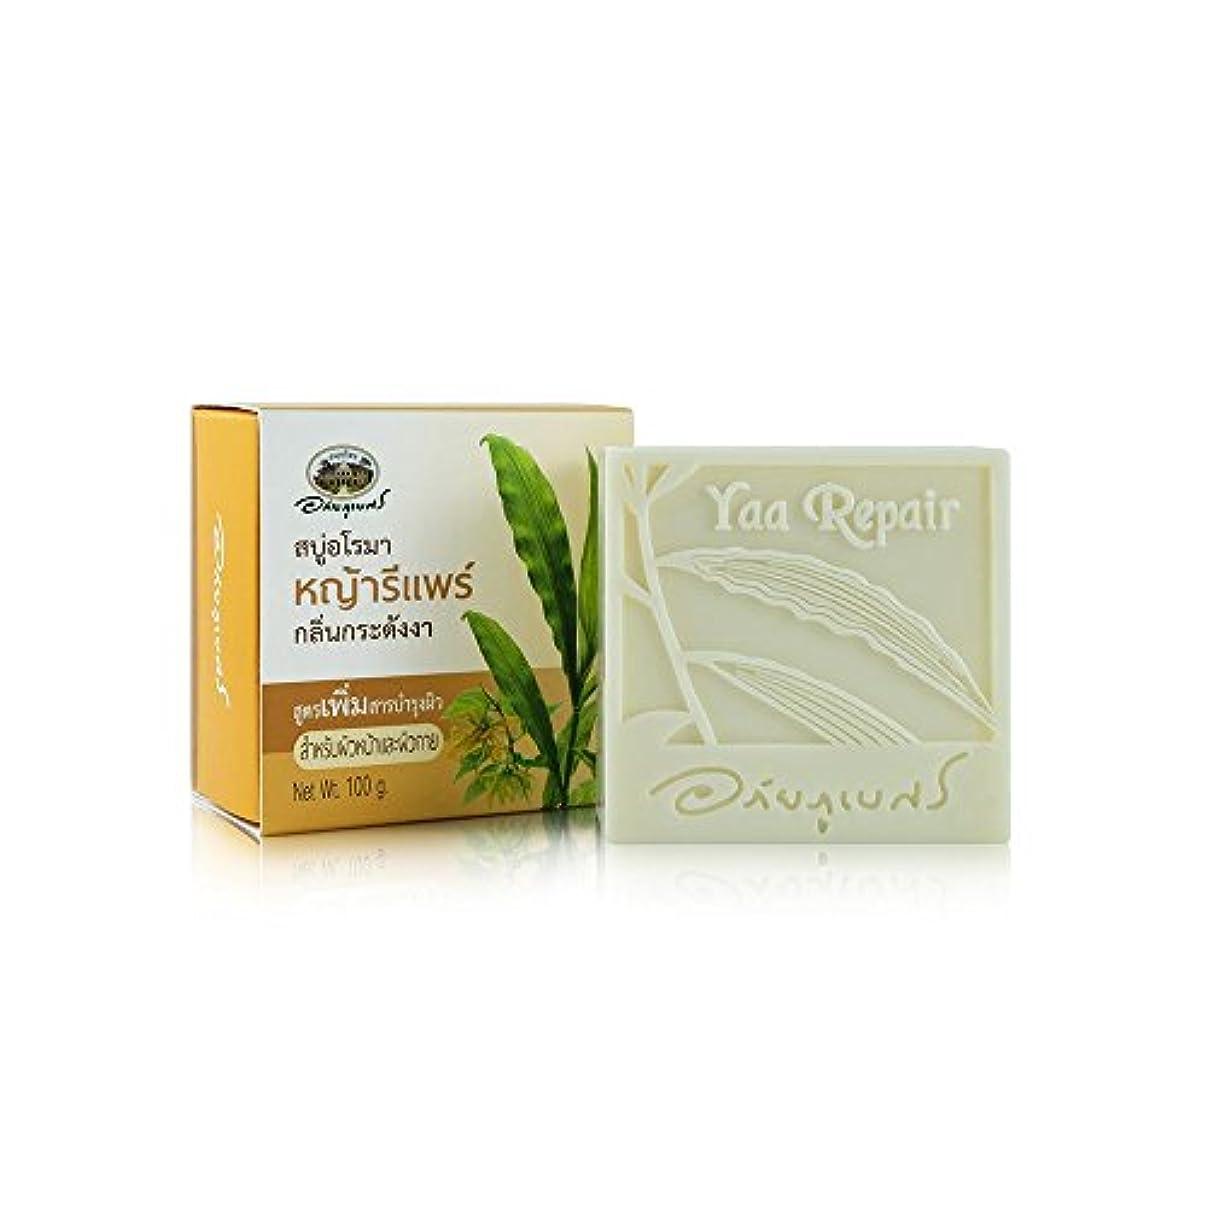 おとうさん放送レジデンスAbhaibhubejhr Thai Aromatherapy With Ylang Ylang Skin Care Formula Herbal Body Face Cleaning Soap 100g.